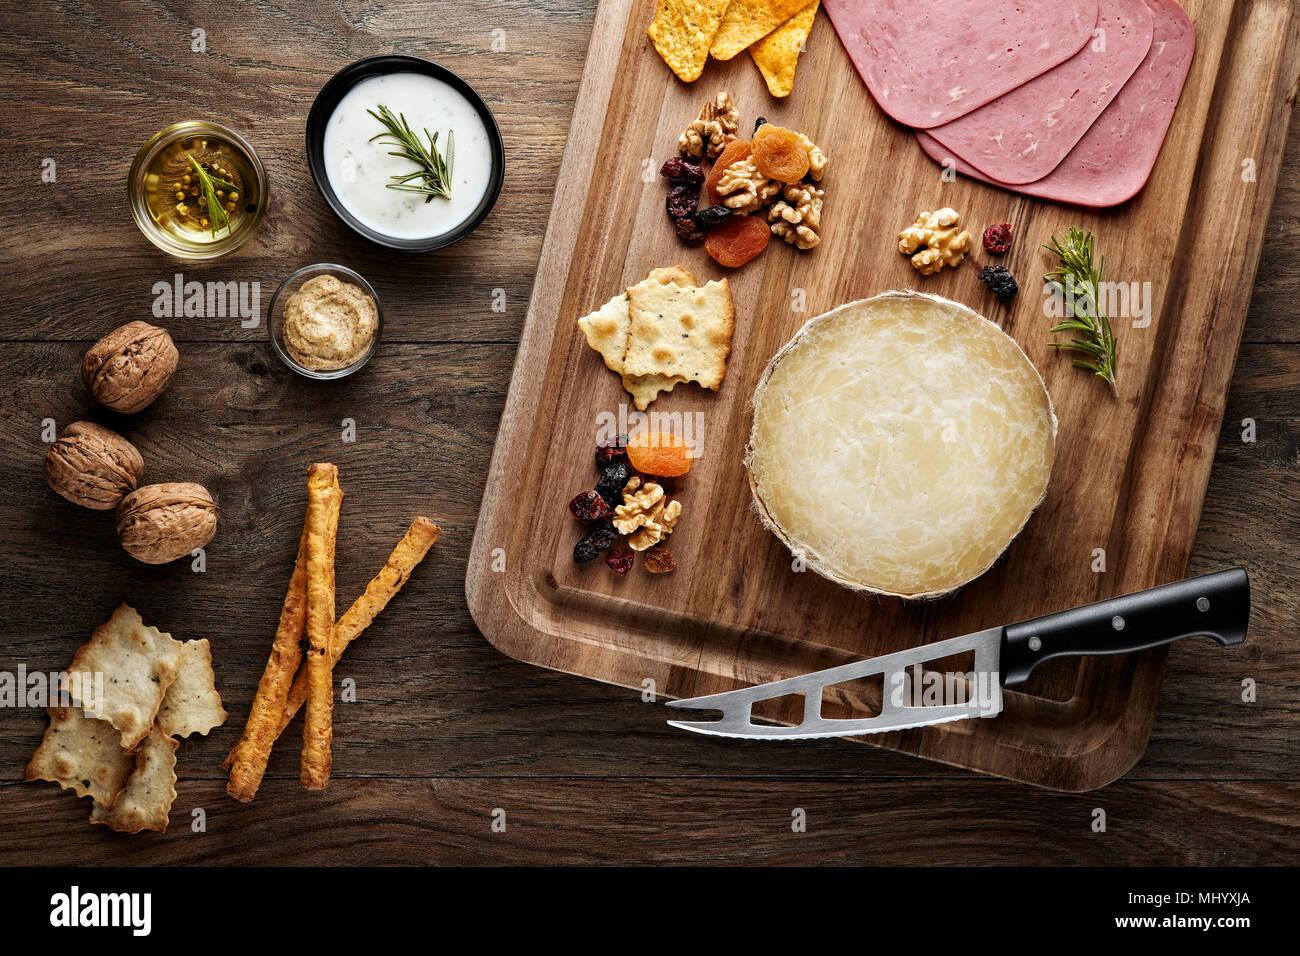 Karaman skinbag turco queso (divle obruk) sobre una mesa de madera decorada con accesorios de madera placa de corte de cuchilla, queso y nueces Imagen De Stock